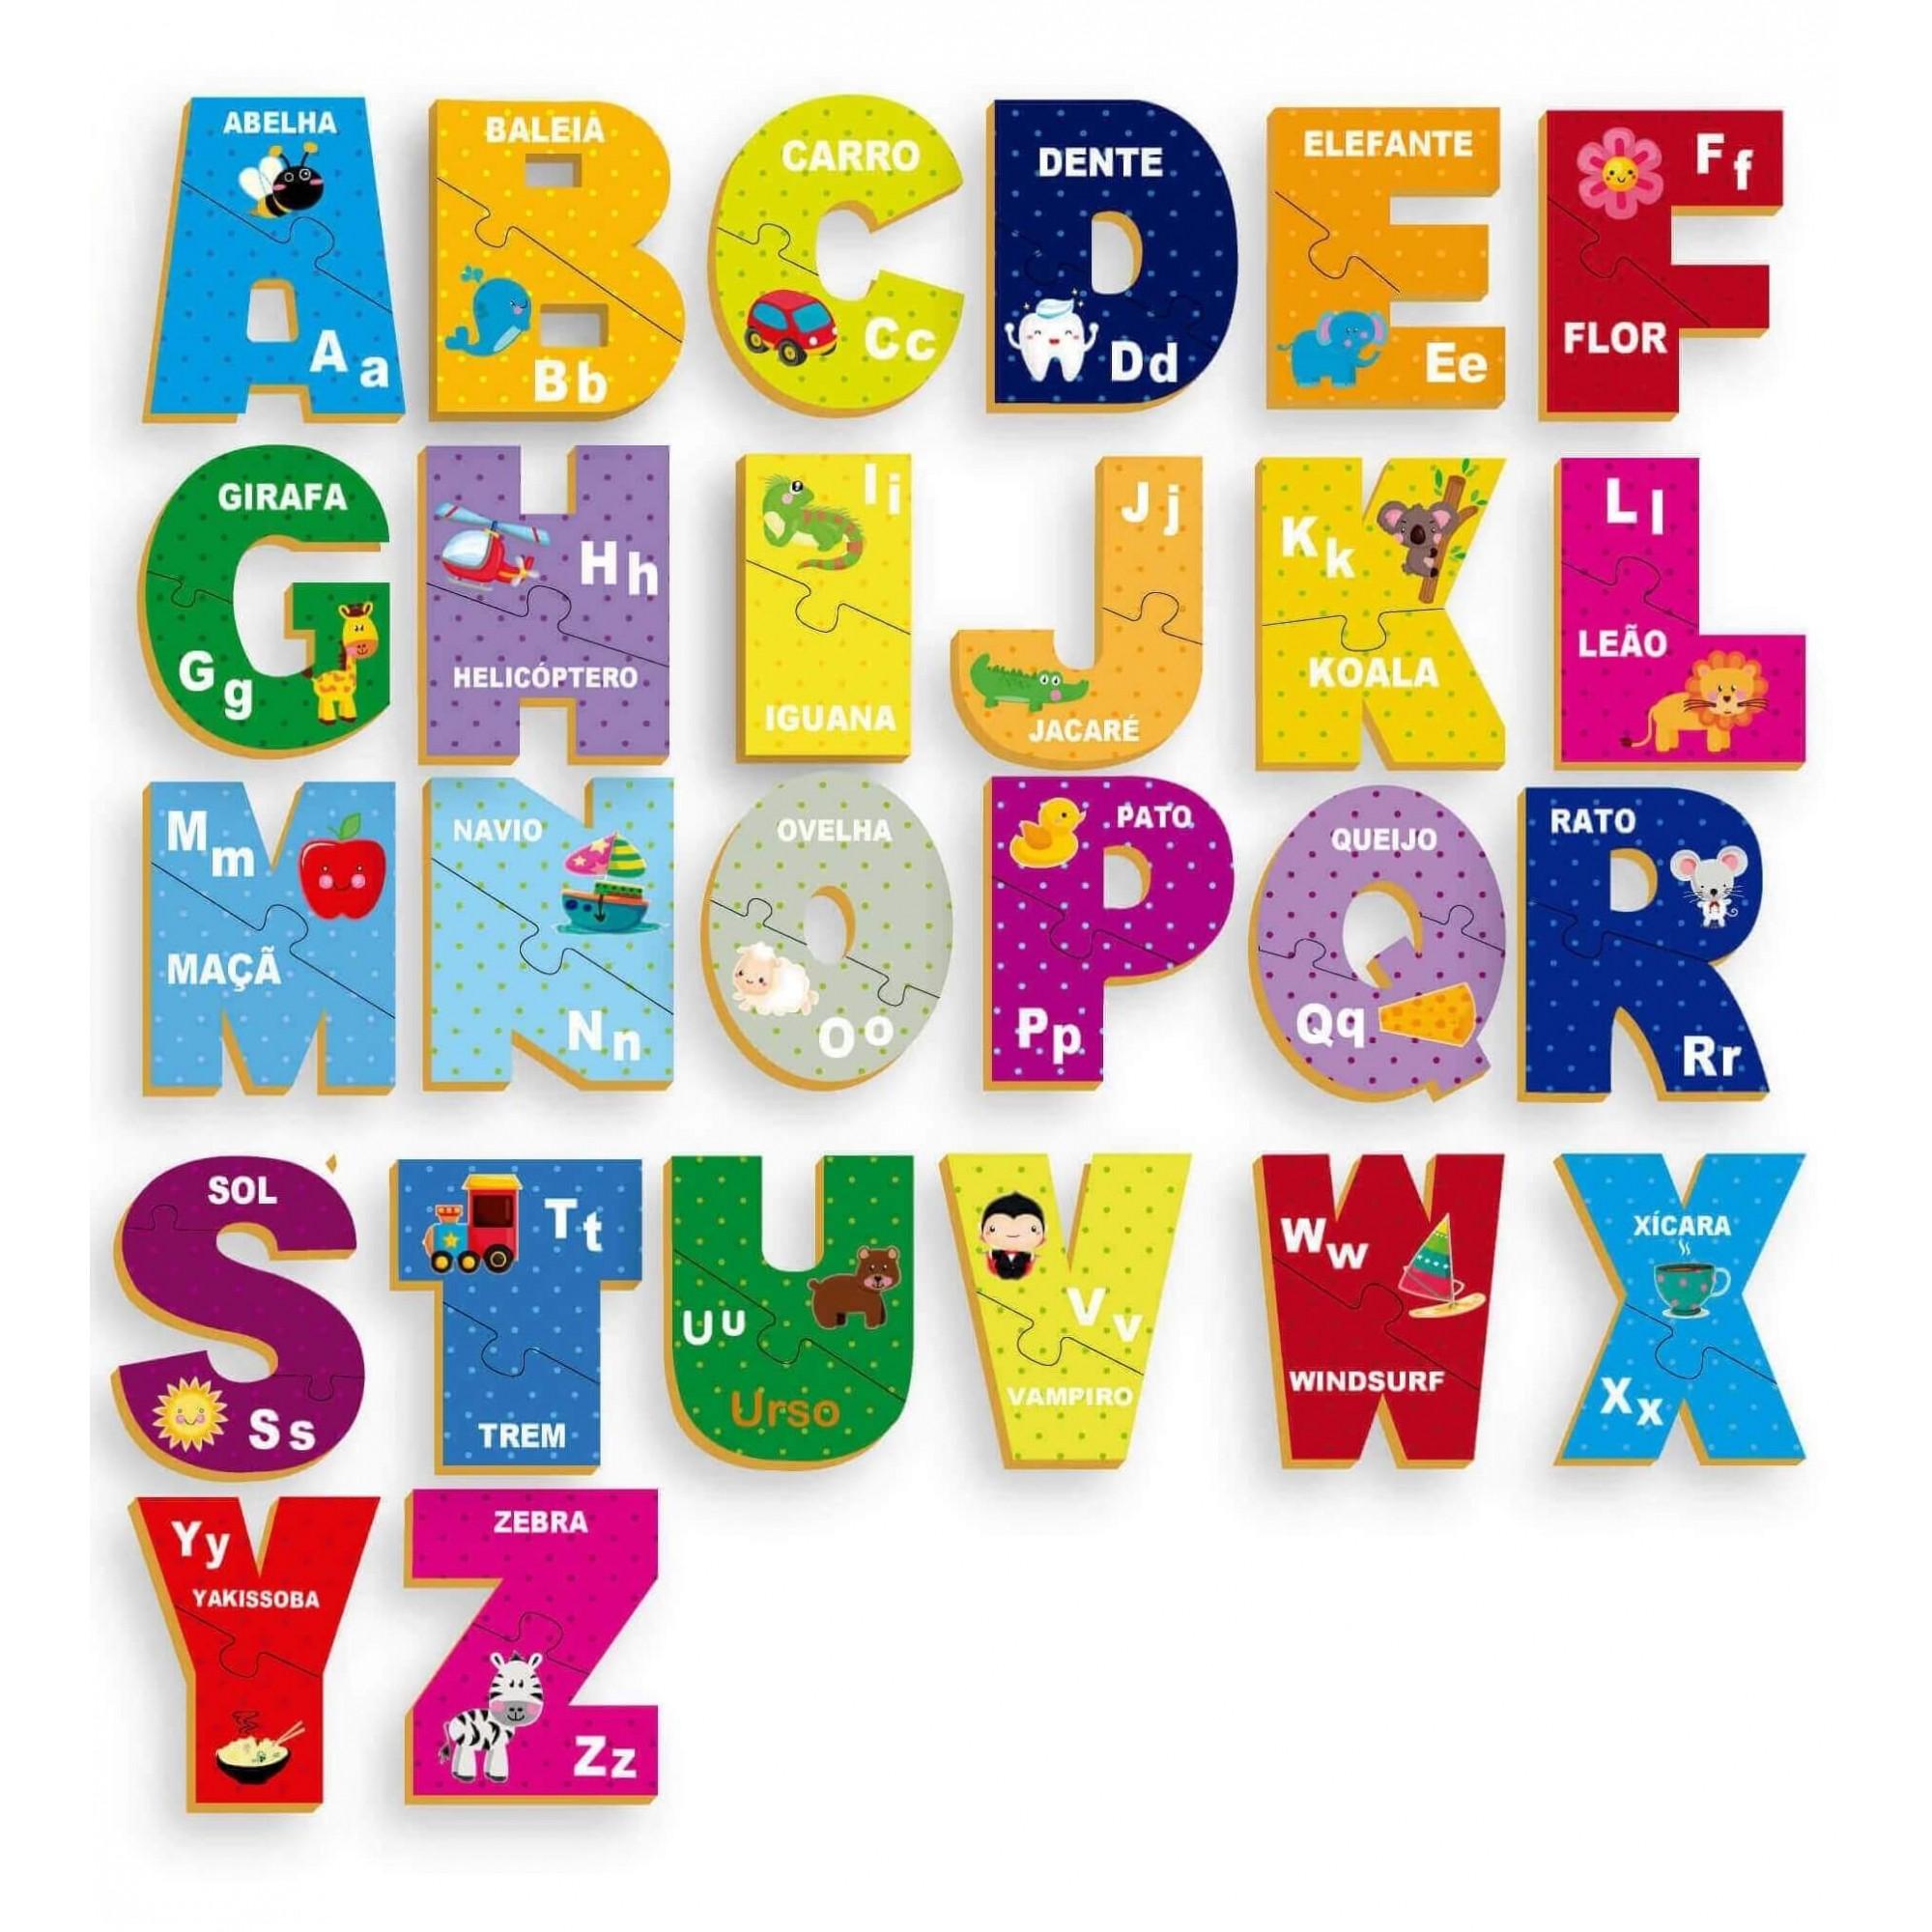 Quebra-Cabeça Aprendendo O Abc 51 Peças Em Madeira Brincadeira De Criança